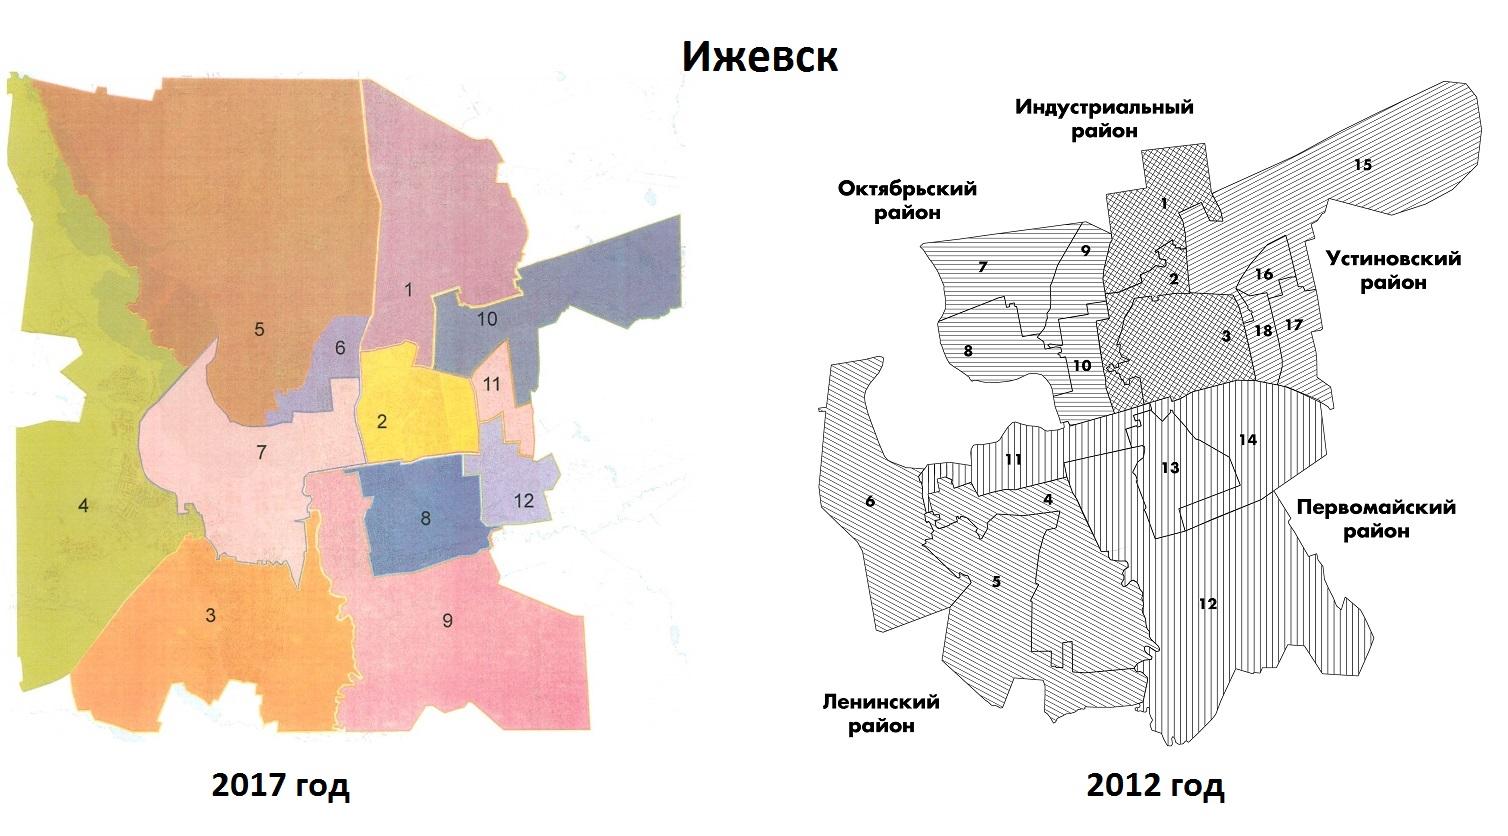 Методом сложения. Новую схему нарезки округов на выборы в Госсовет Удмуртии представил ЦИК